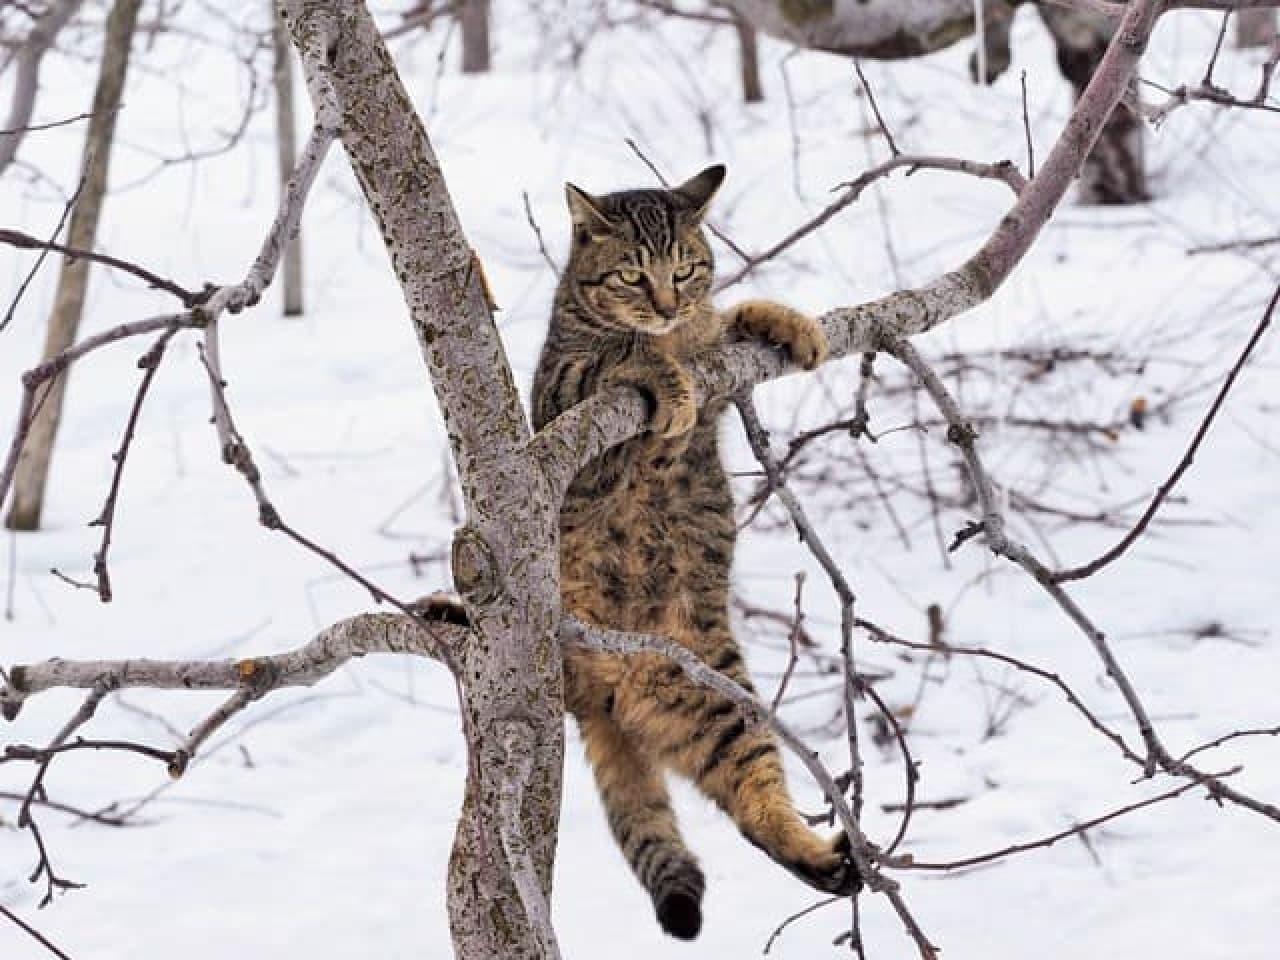 岩合光昭さんの写真展「ふるさとのねこ」冬:懸垂する(?)ネコ